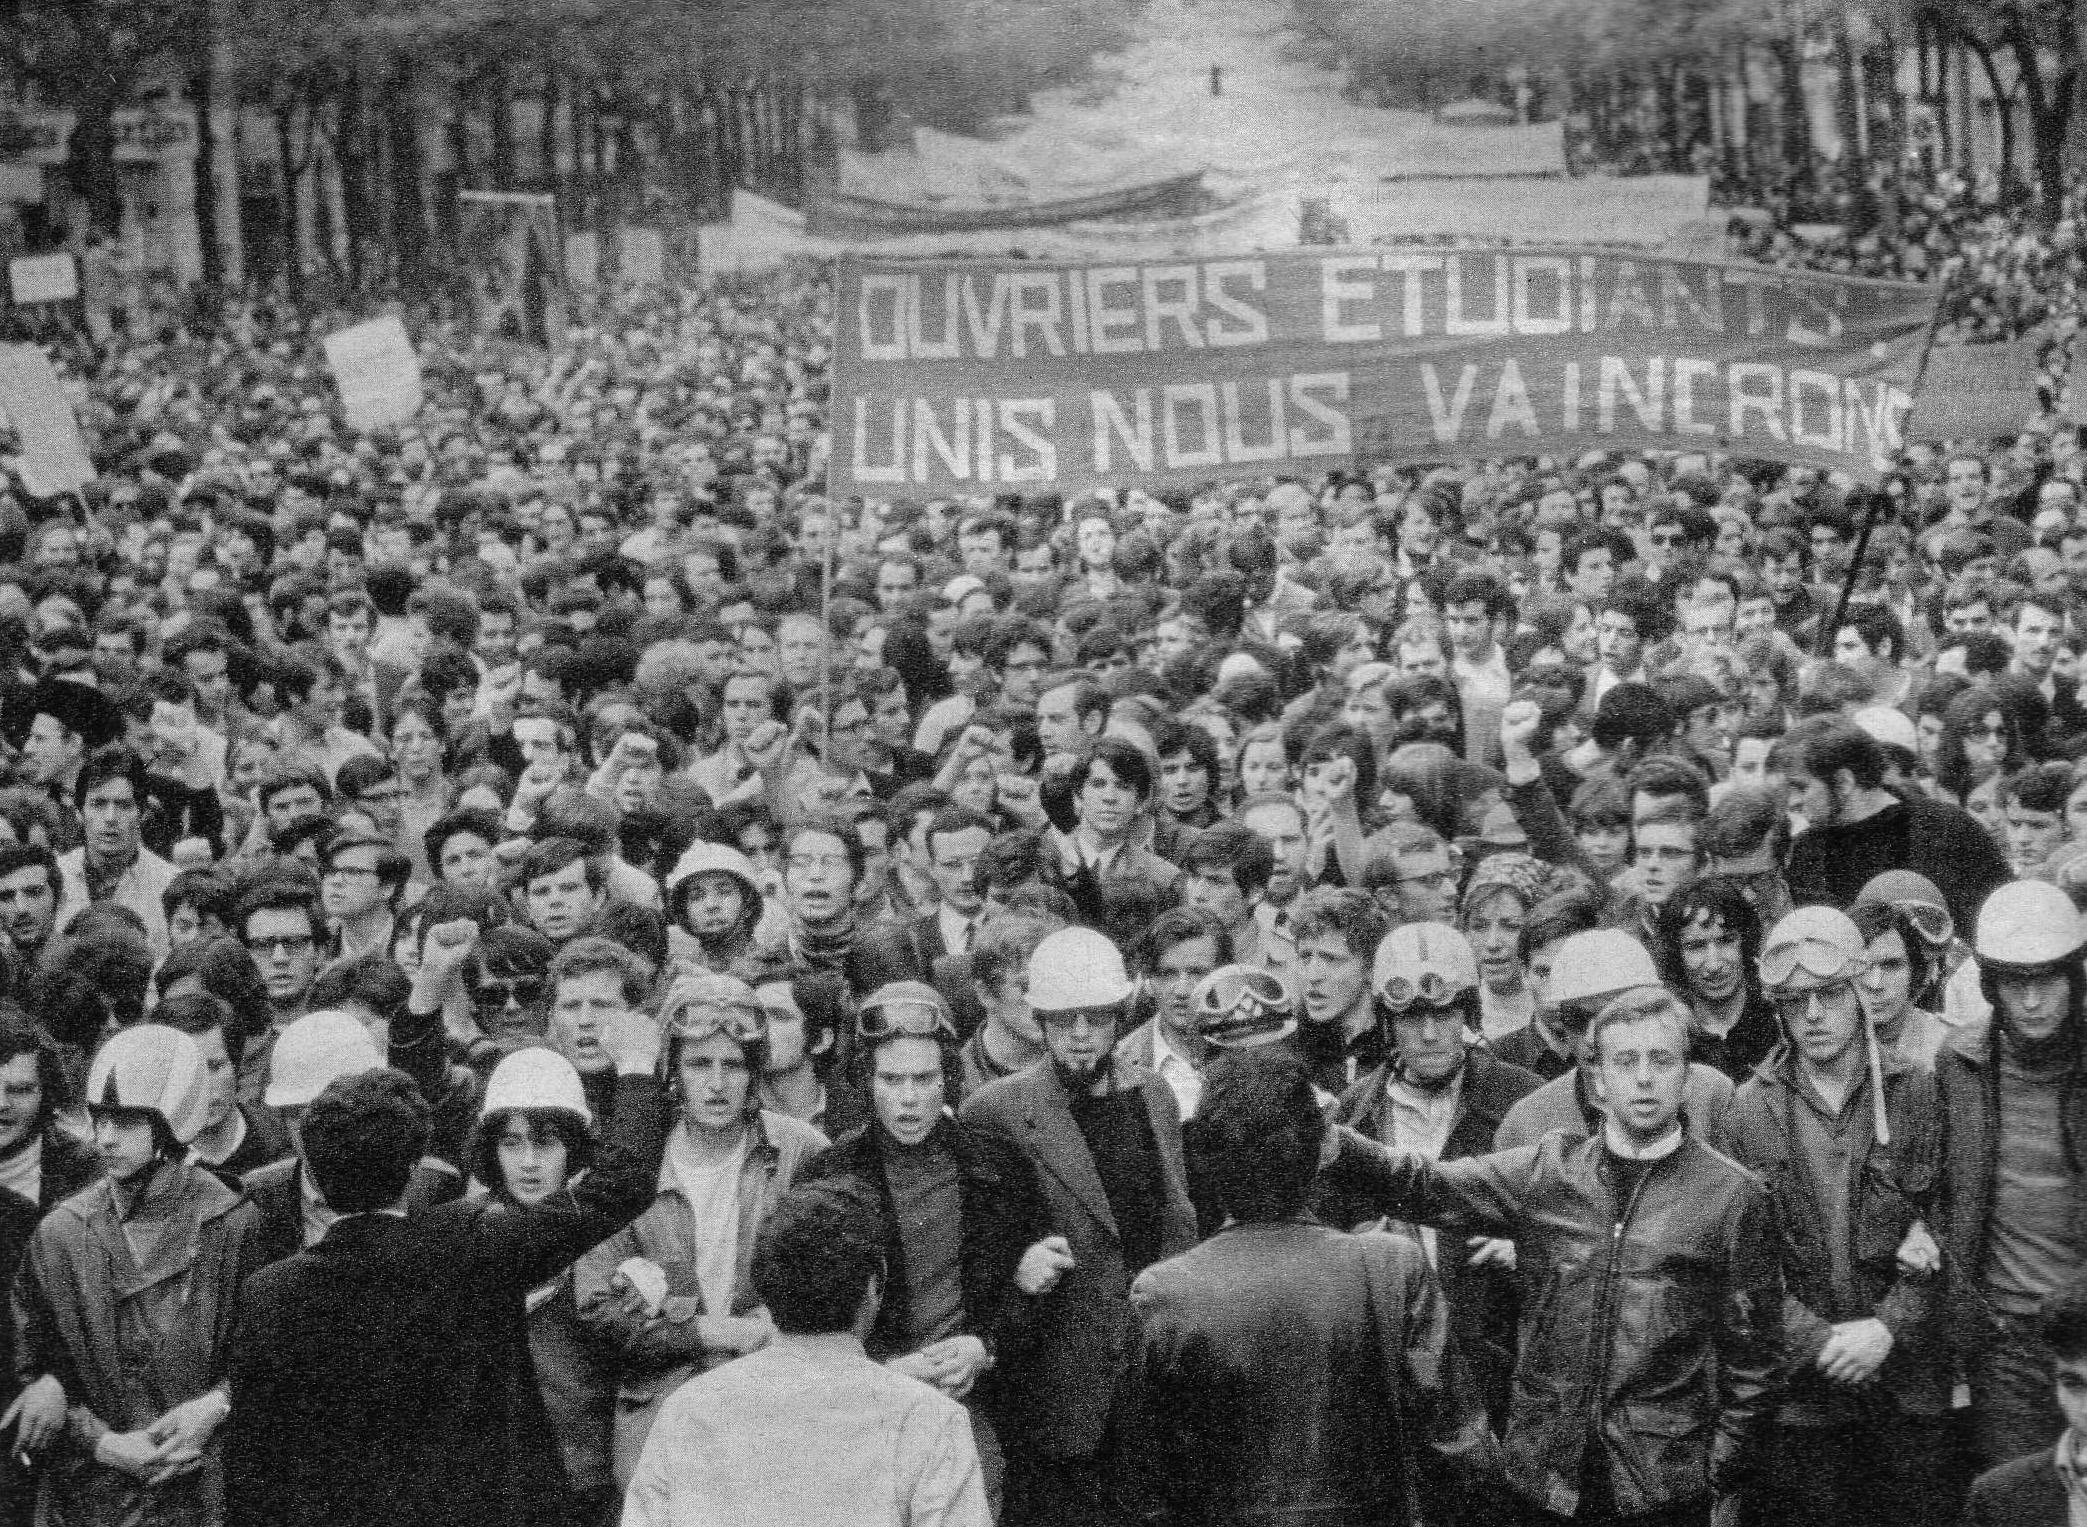 Ouvriers et étudiants, unis nous vaincrons